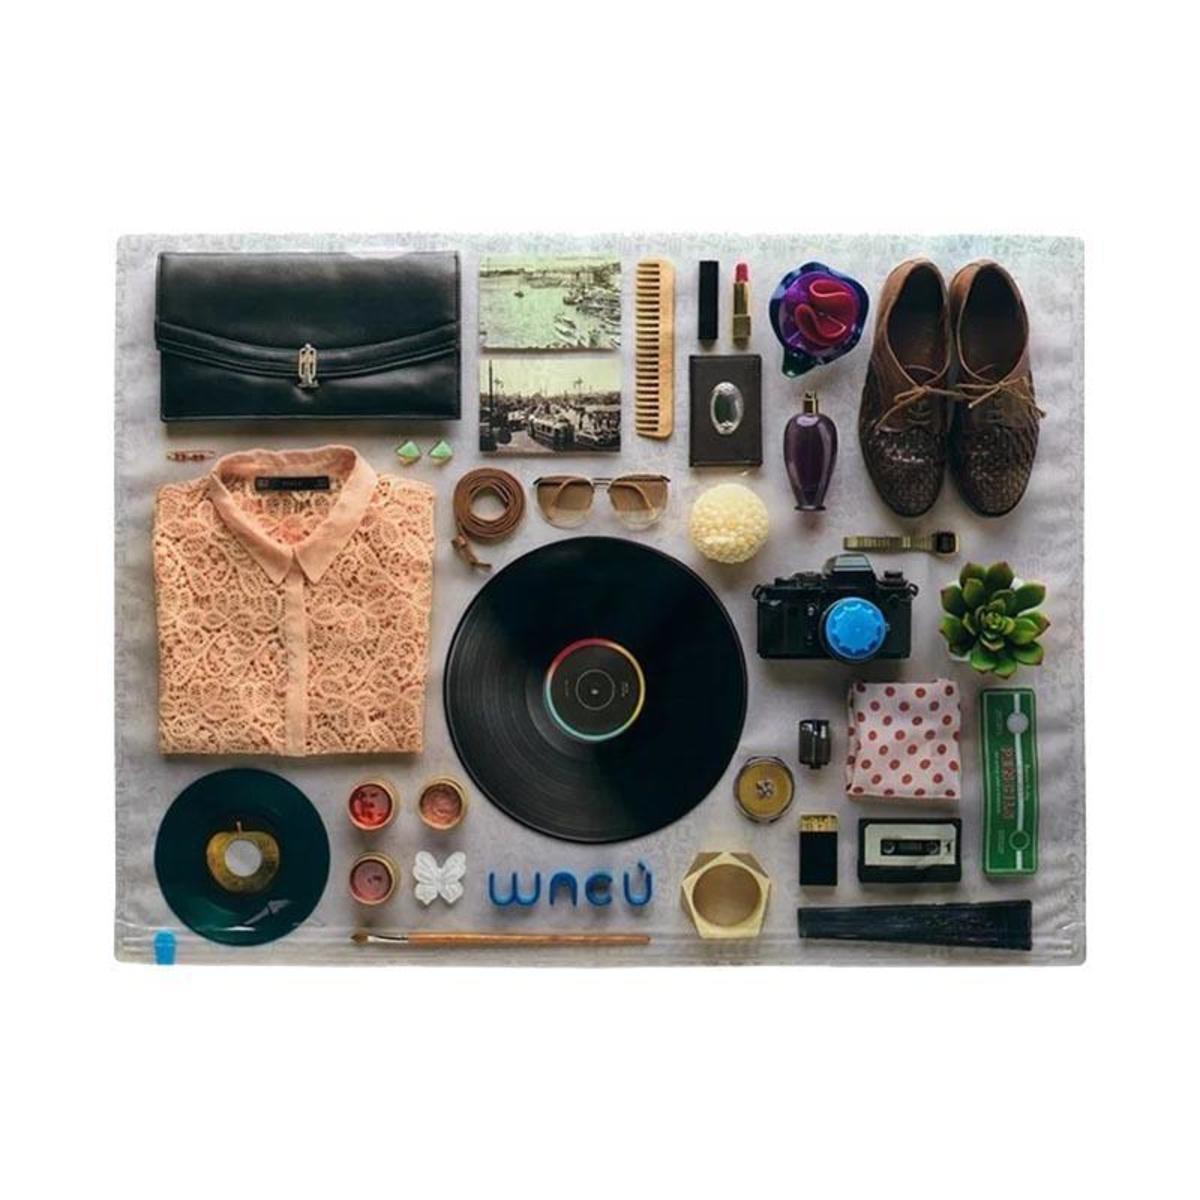 真空袋 2個裝 意大利品牌 - The Vintage Woman / 大碼